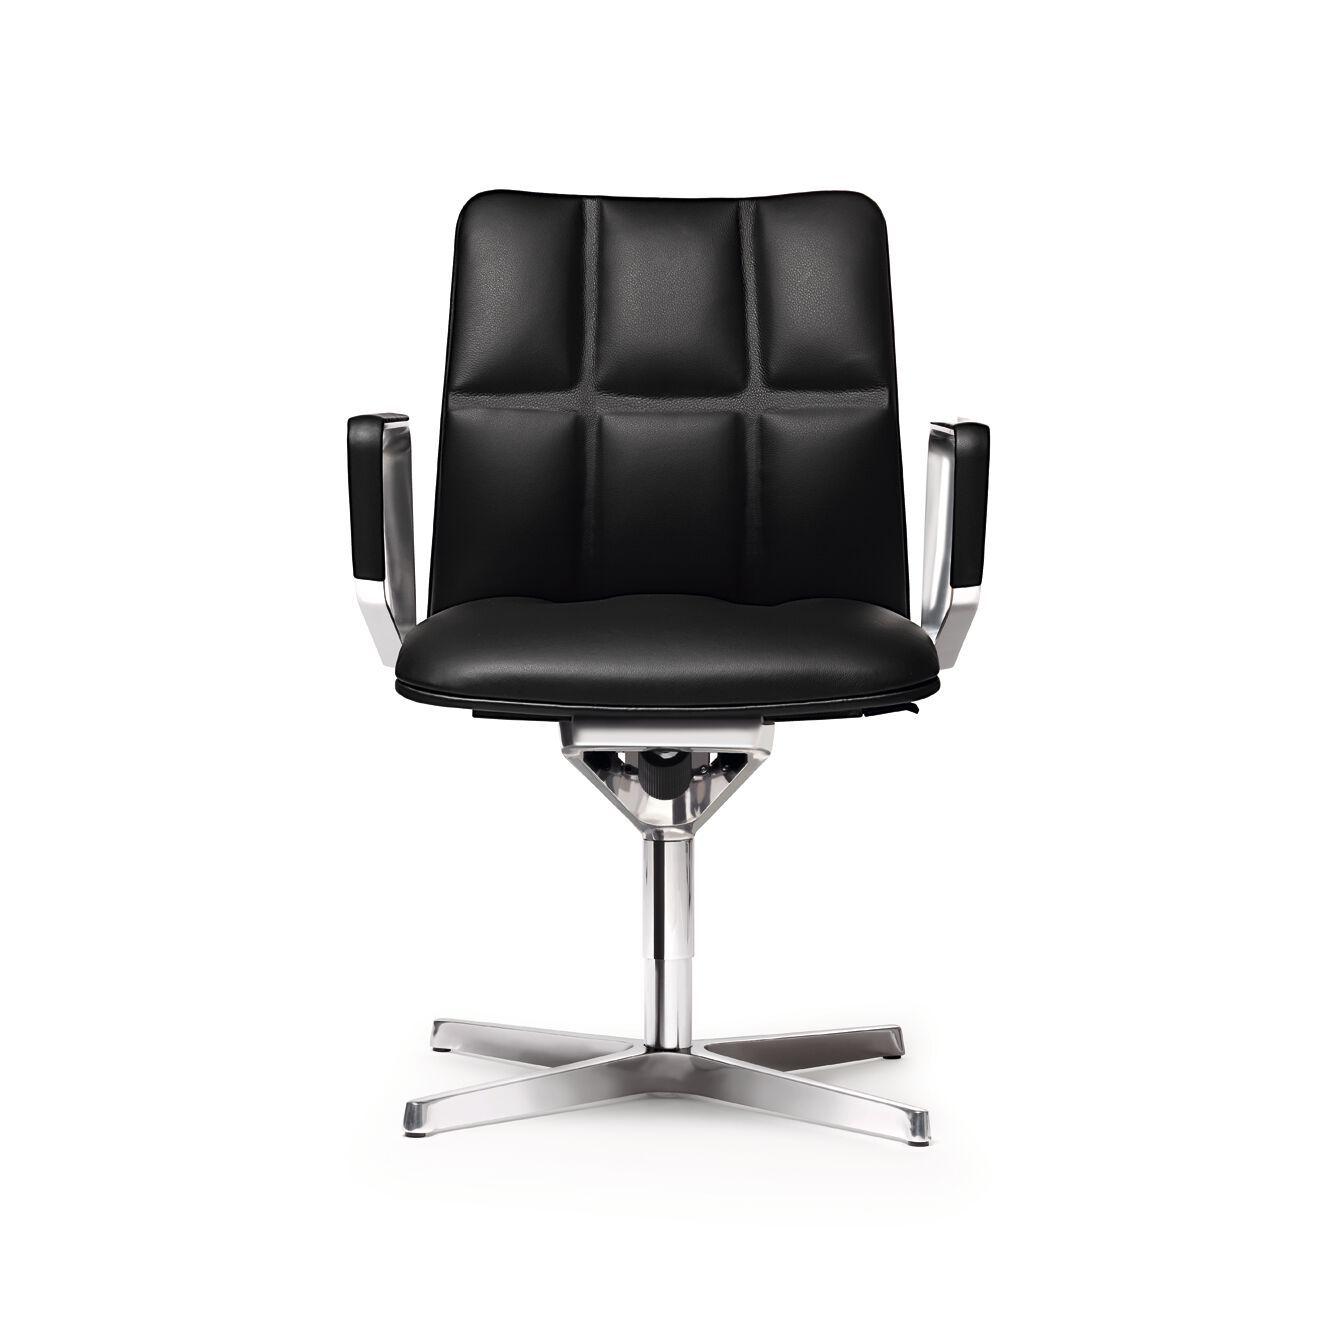 10-WK-Leadchair-0055-H.tif